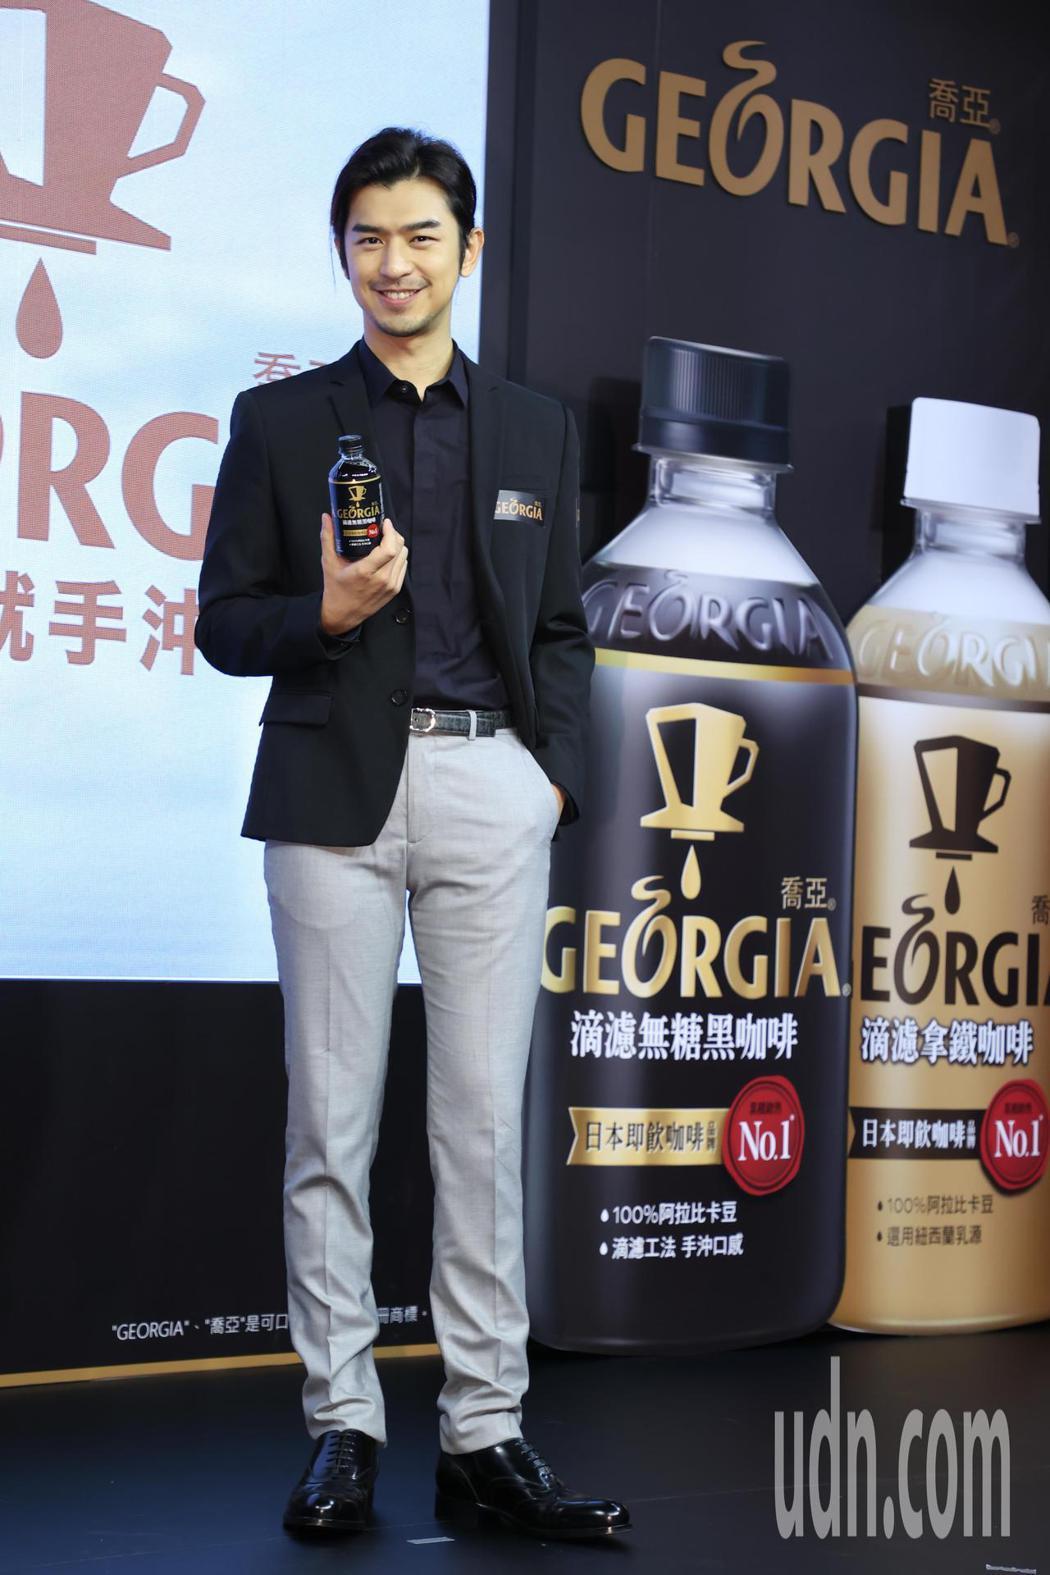 陳柏霖下午出席「GEORGIA喬亞咖啡」新品發表會,並坦言其實很想挑戰咖啡師的角...